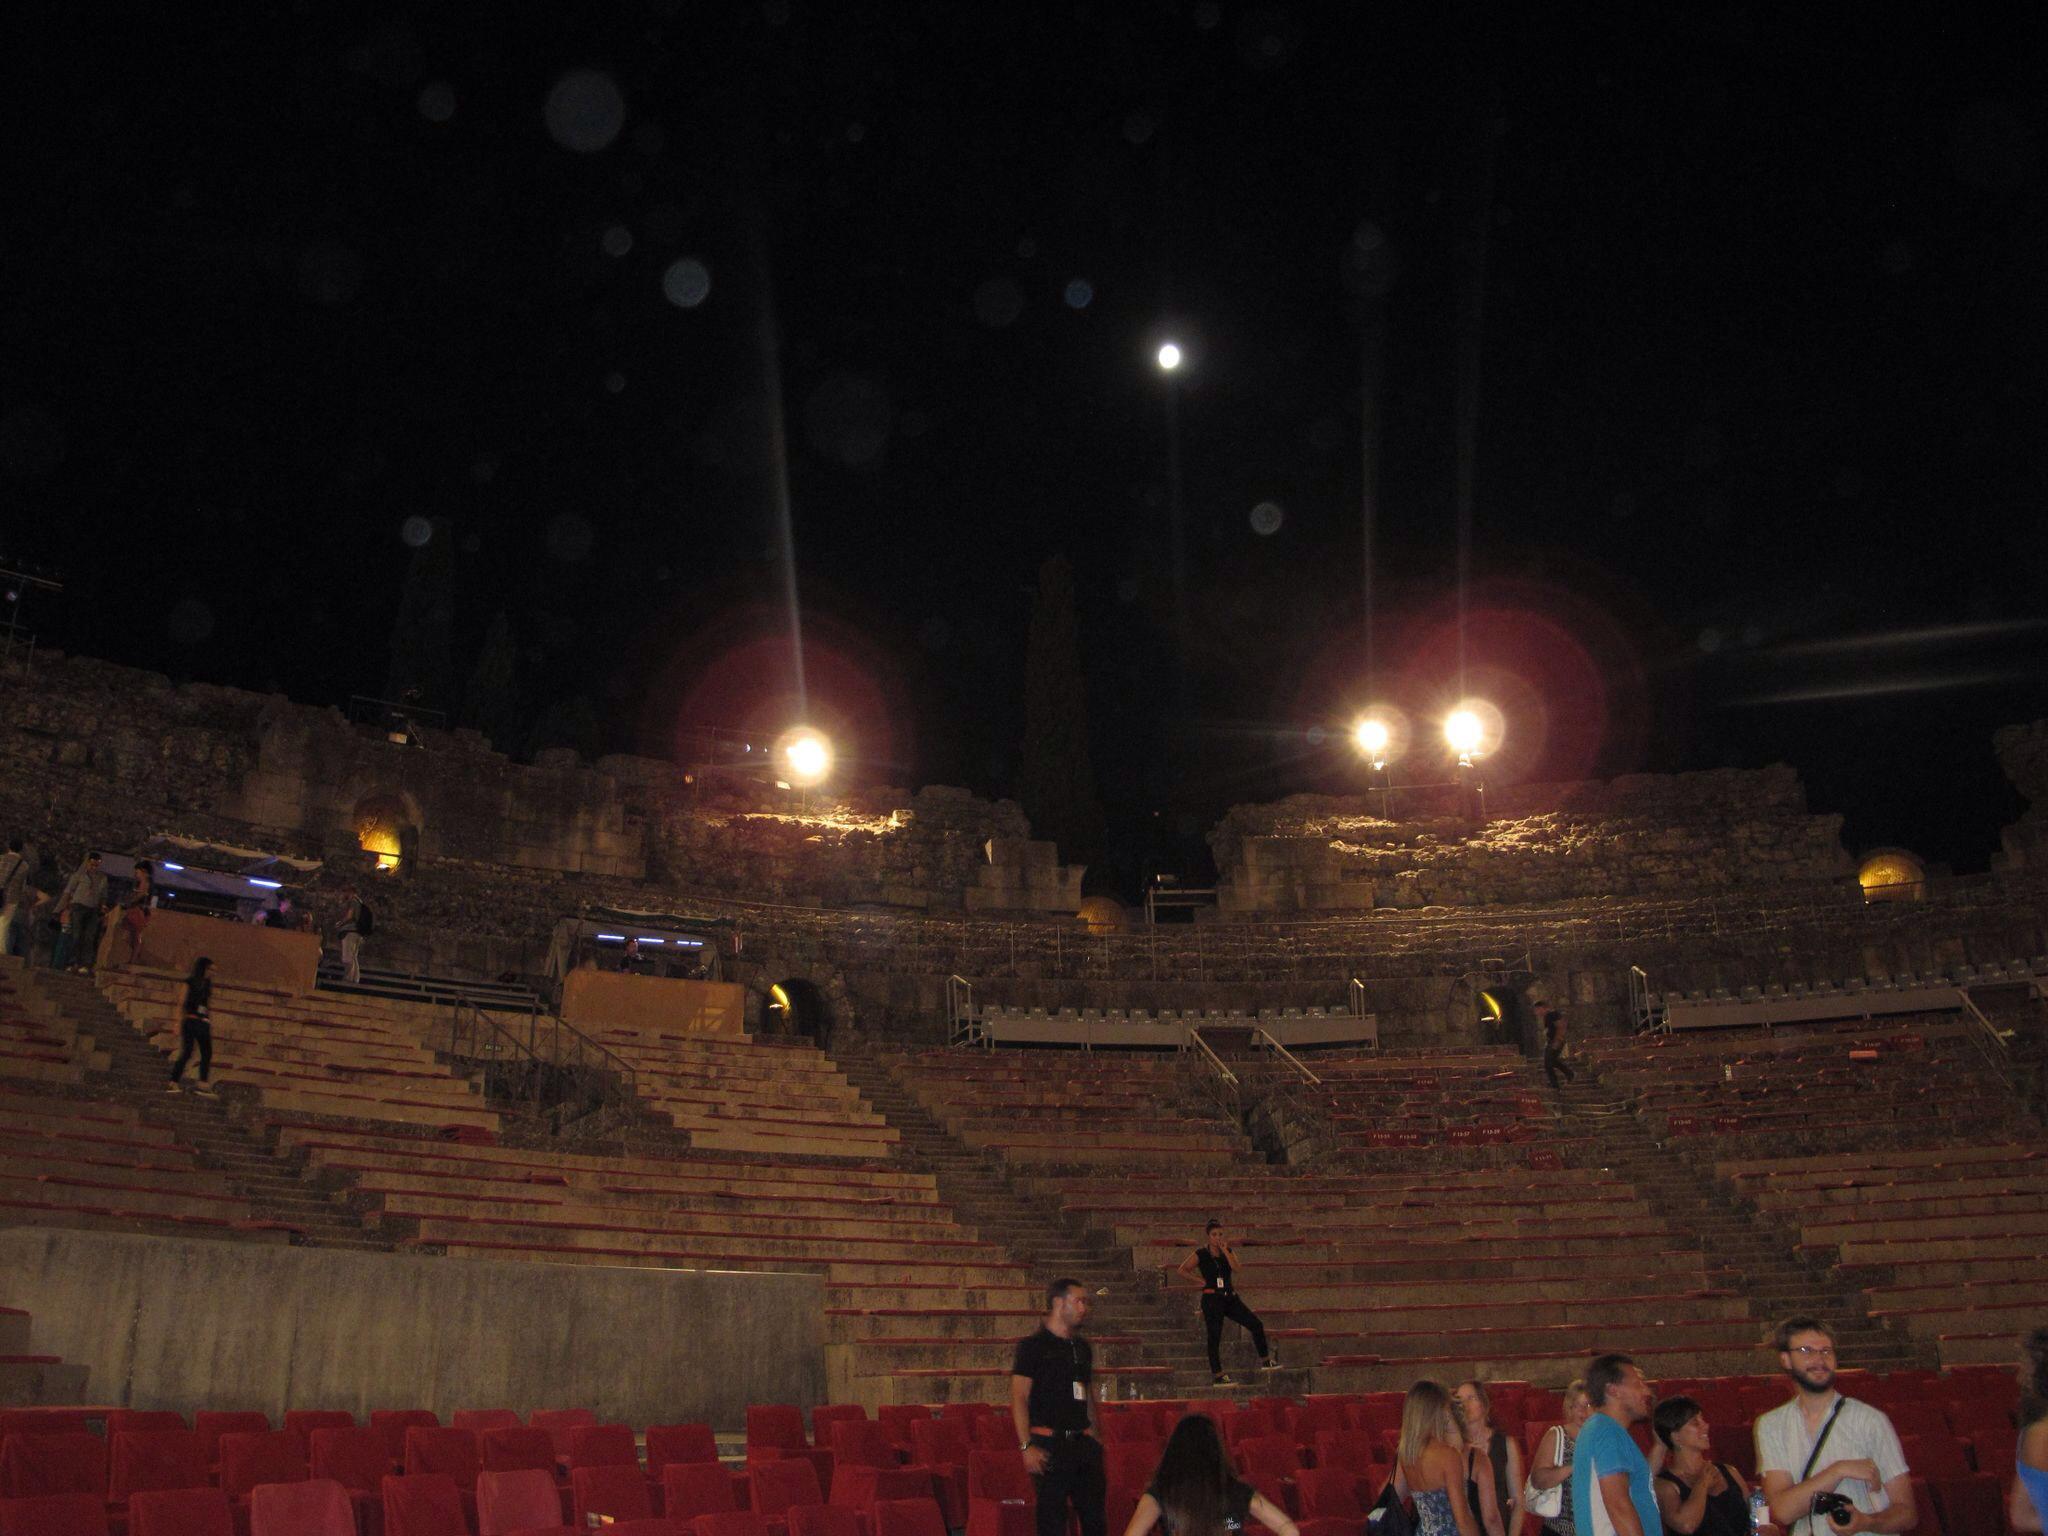 teatro romano merida_cavea_las siete sillas